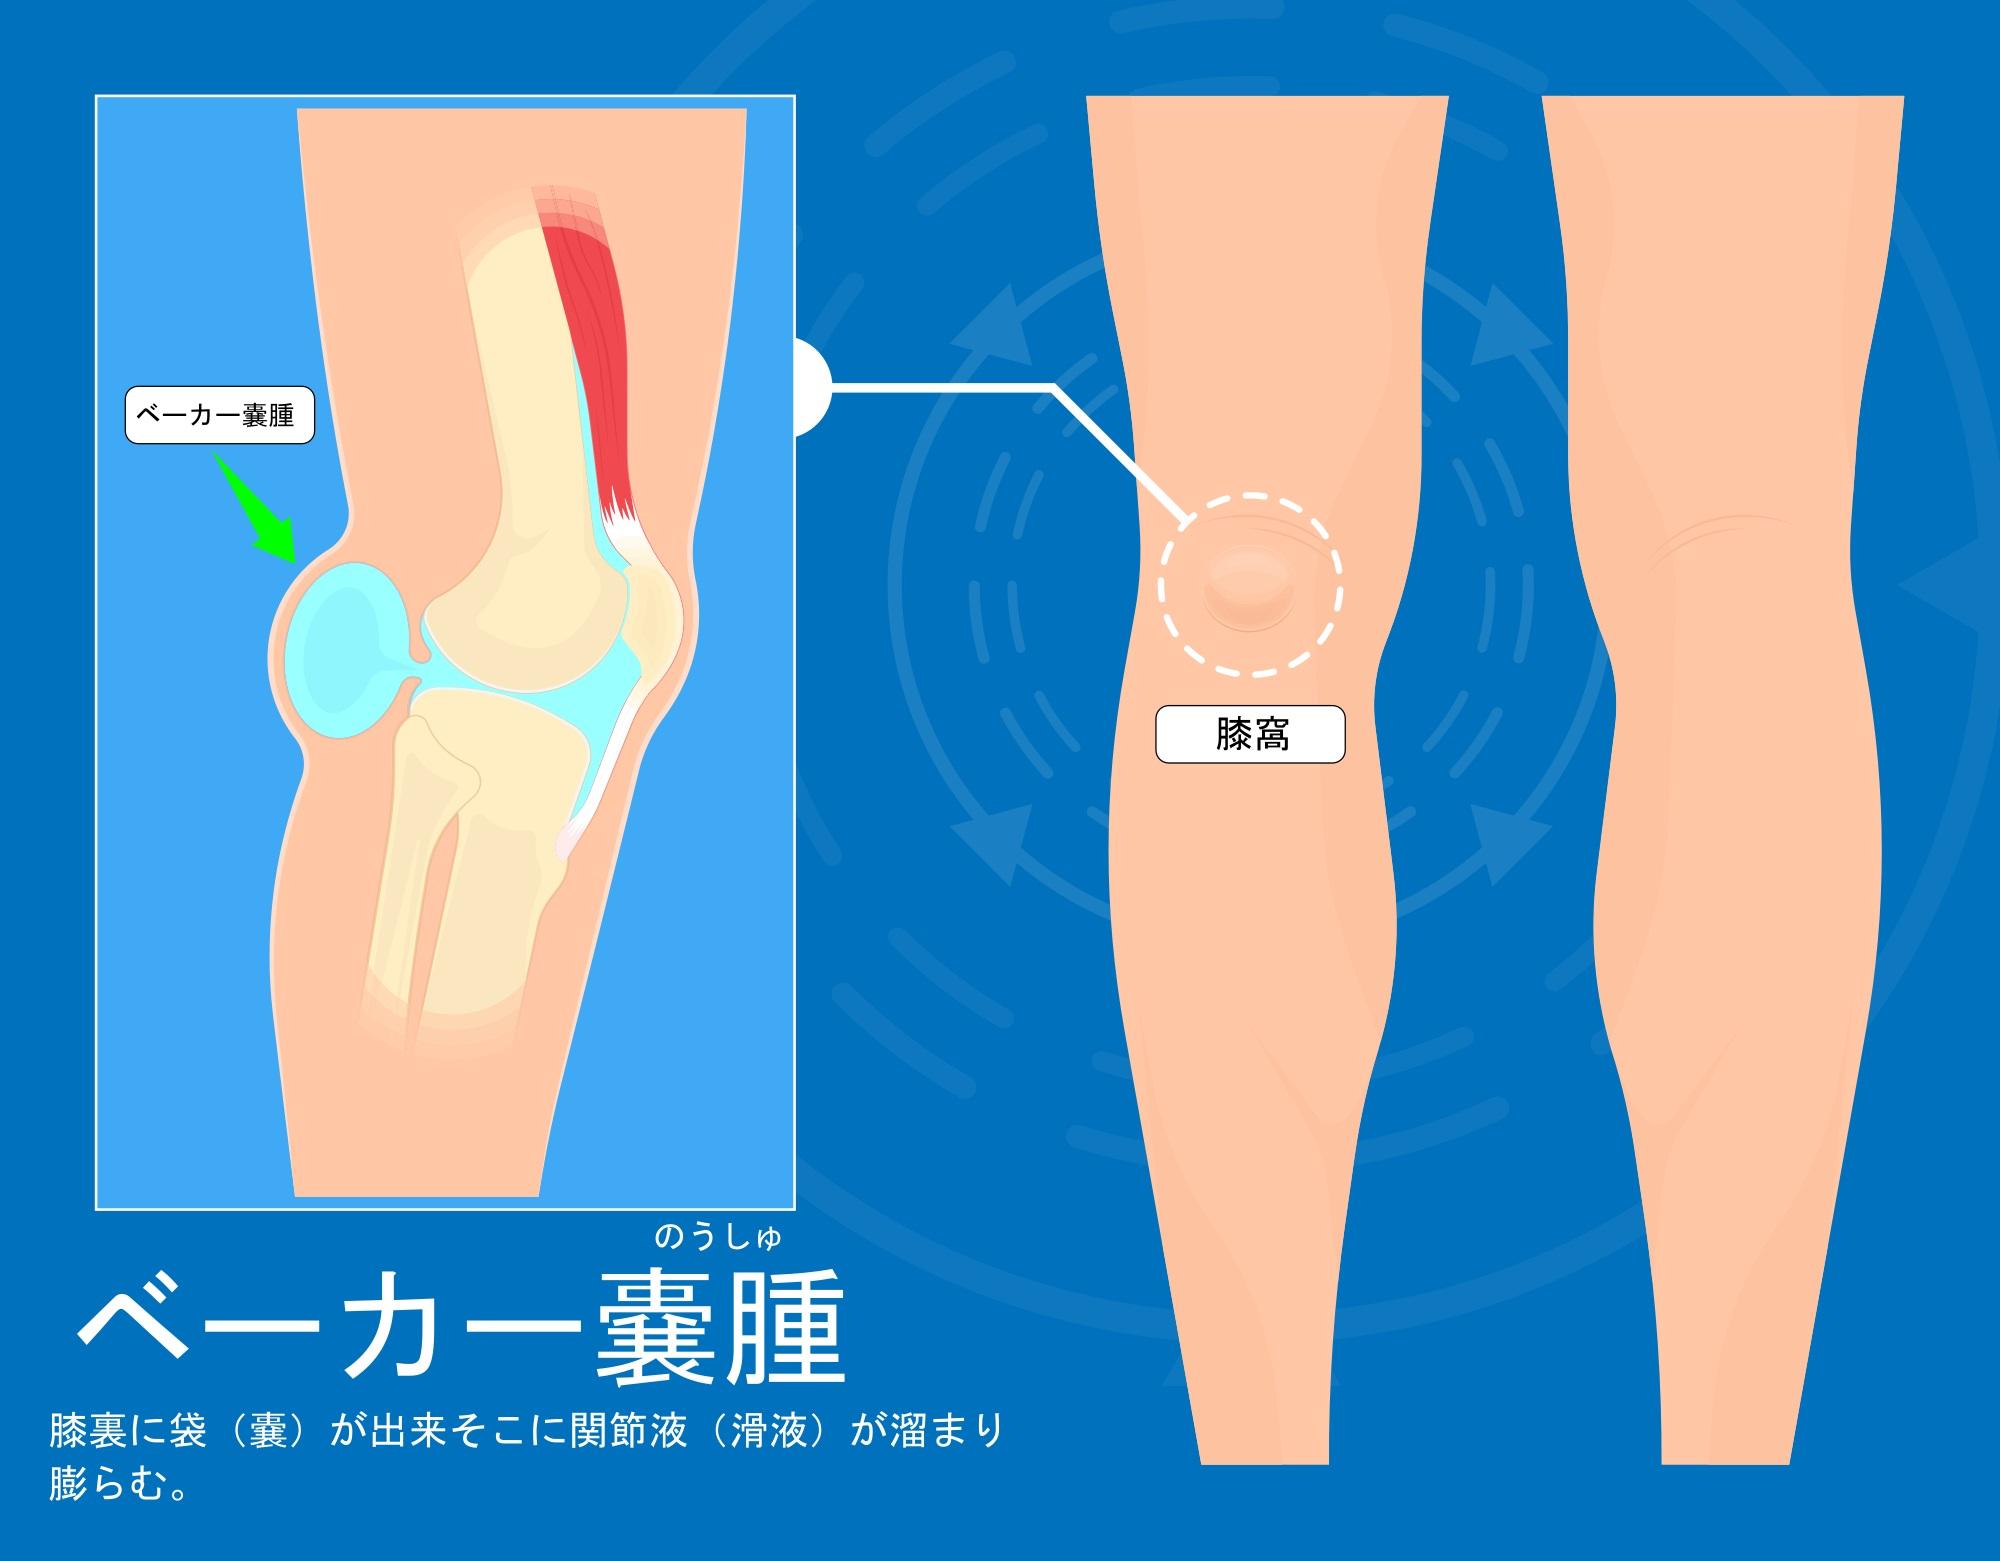 ベーカー嚢腫は膝の裏に袋が出来る疾患